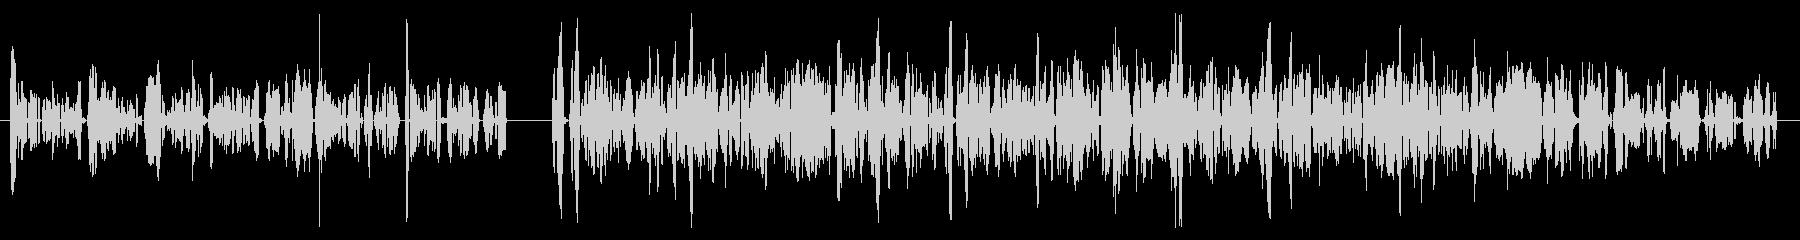 カートン、トーク、2バージョン; ...の未再生の波形